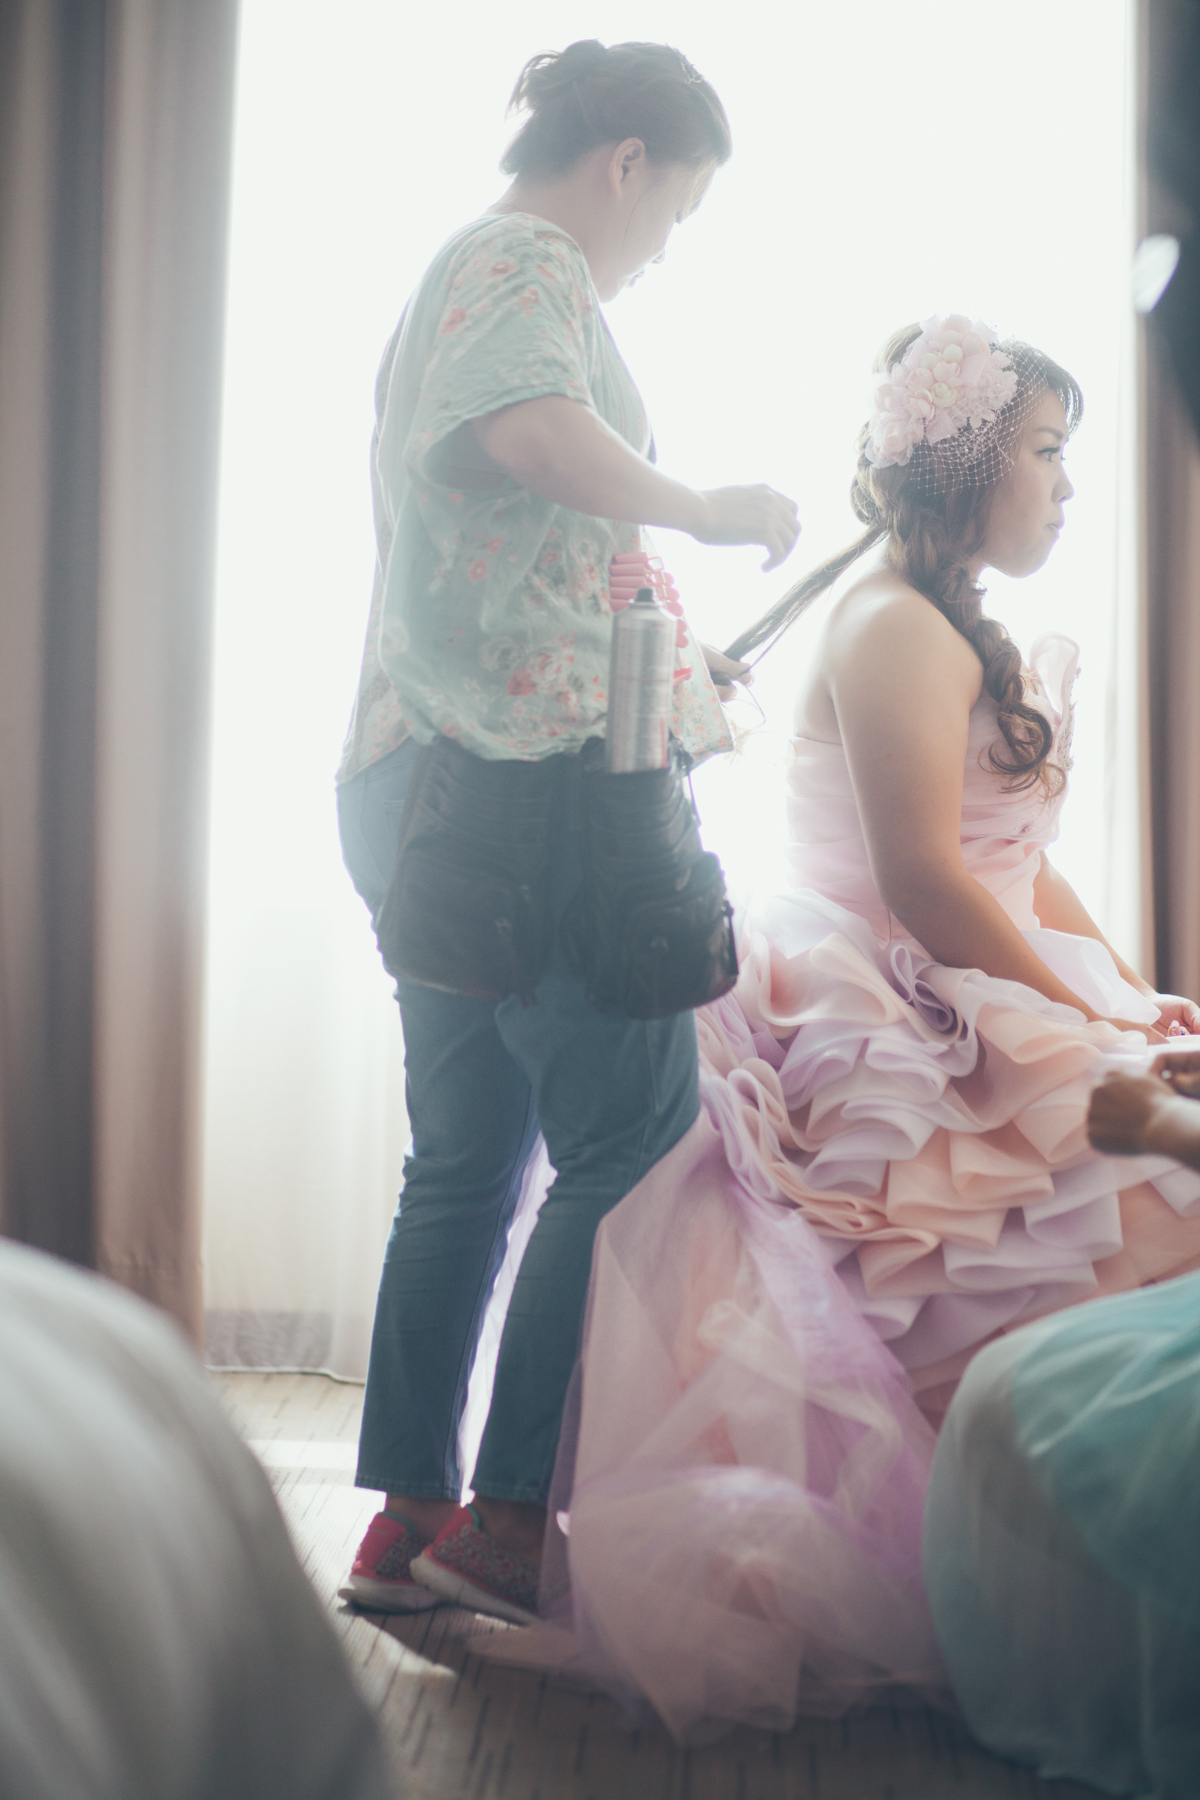 婚禮攝影,婚攝,婚禮記錄,桃園,桃禧航空城酒店,底片風格,自然